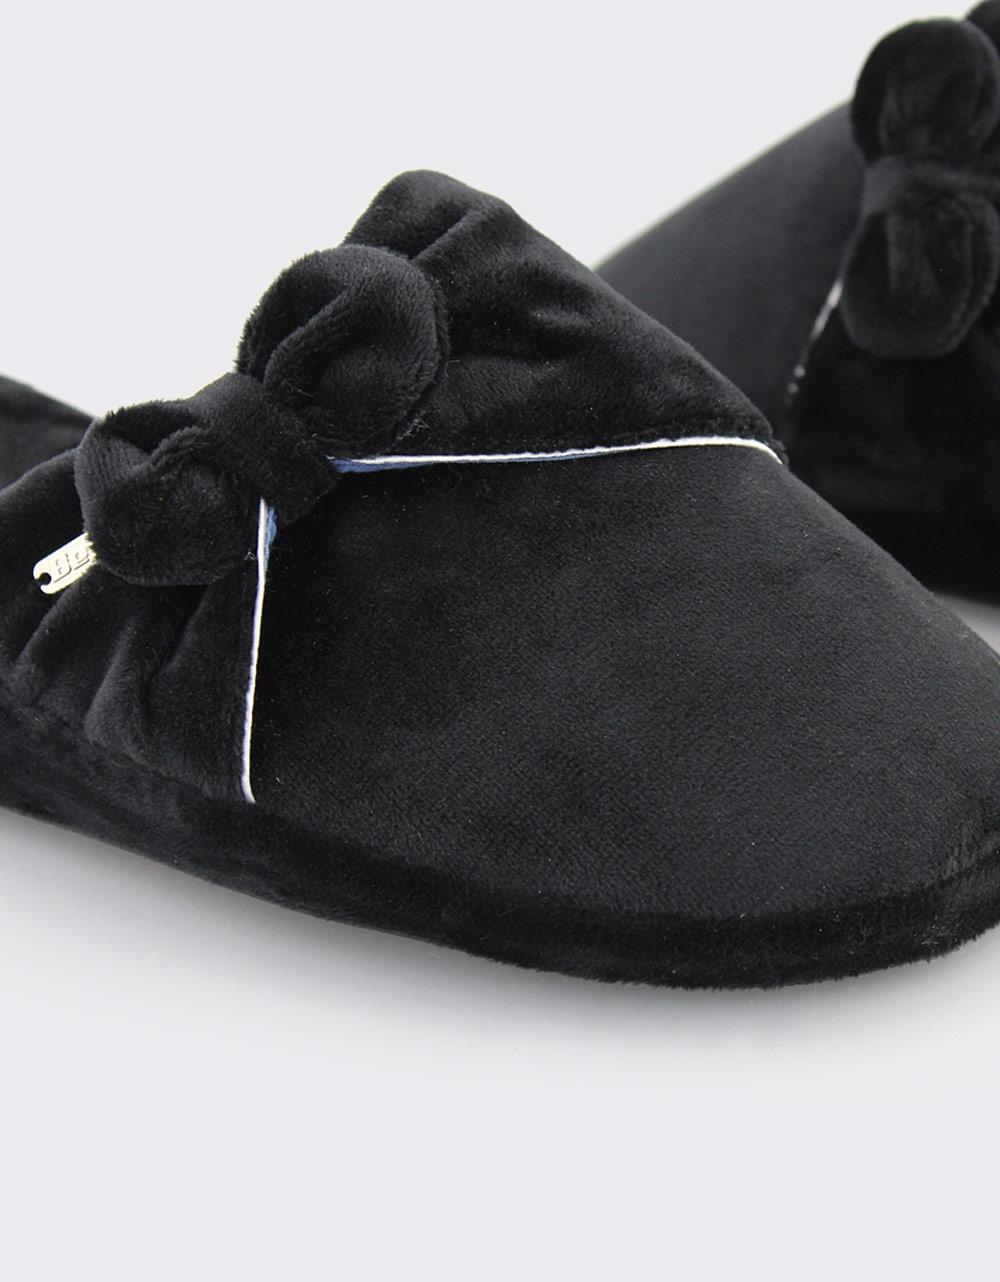 Εικόνα από Γυναικείες παντόφλες βελούδινες με φιόγκο Μαύρο